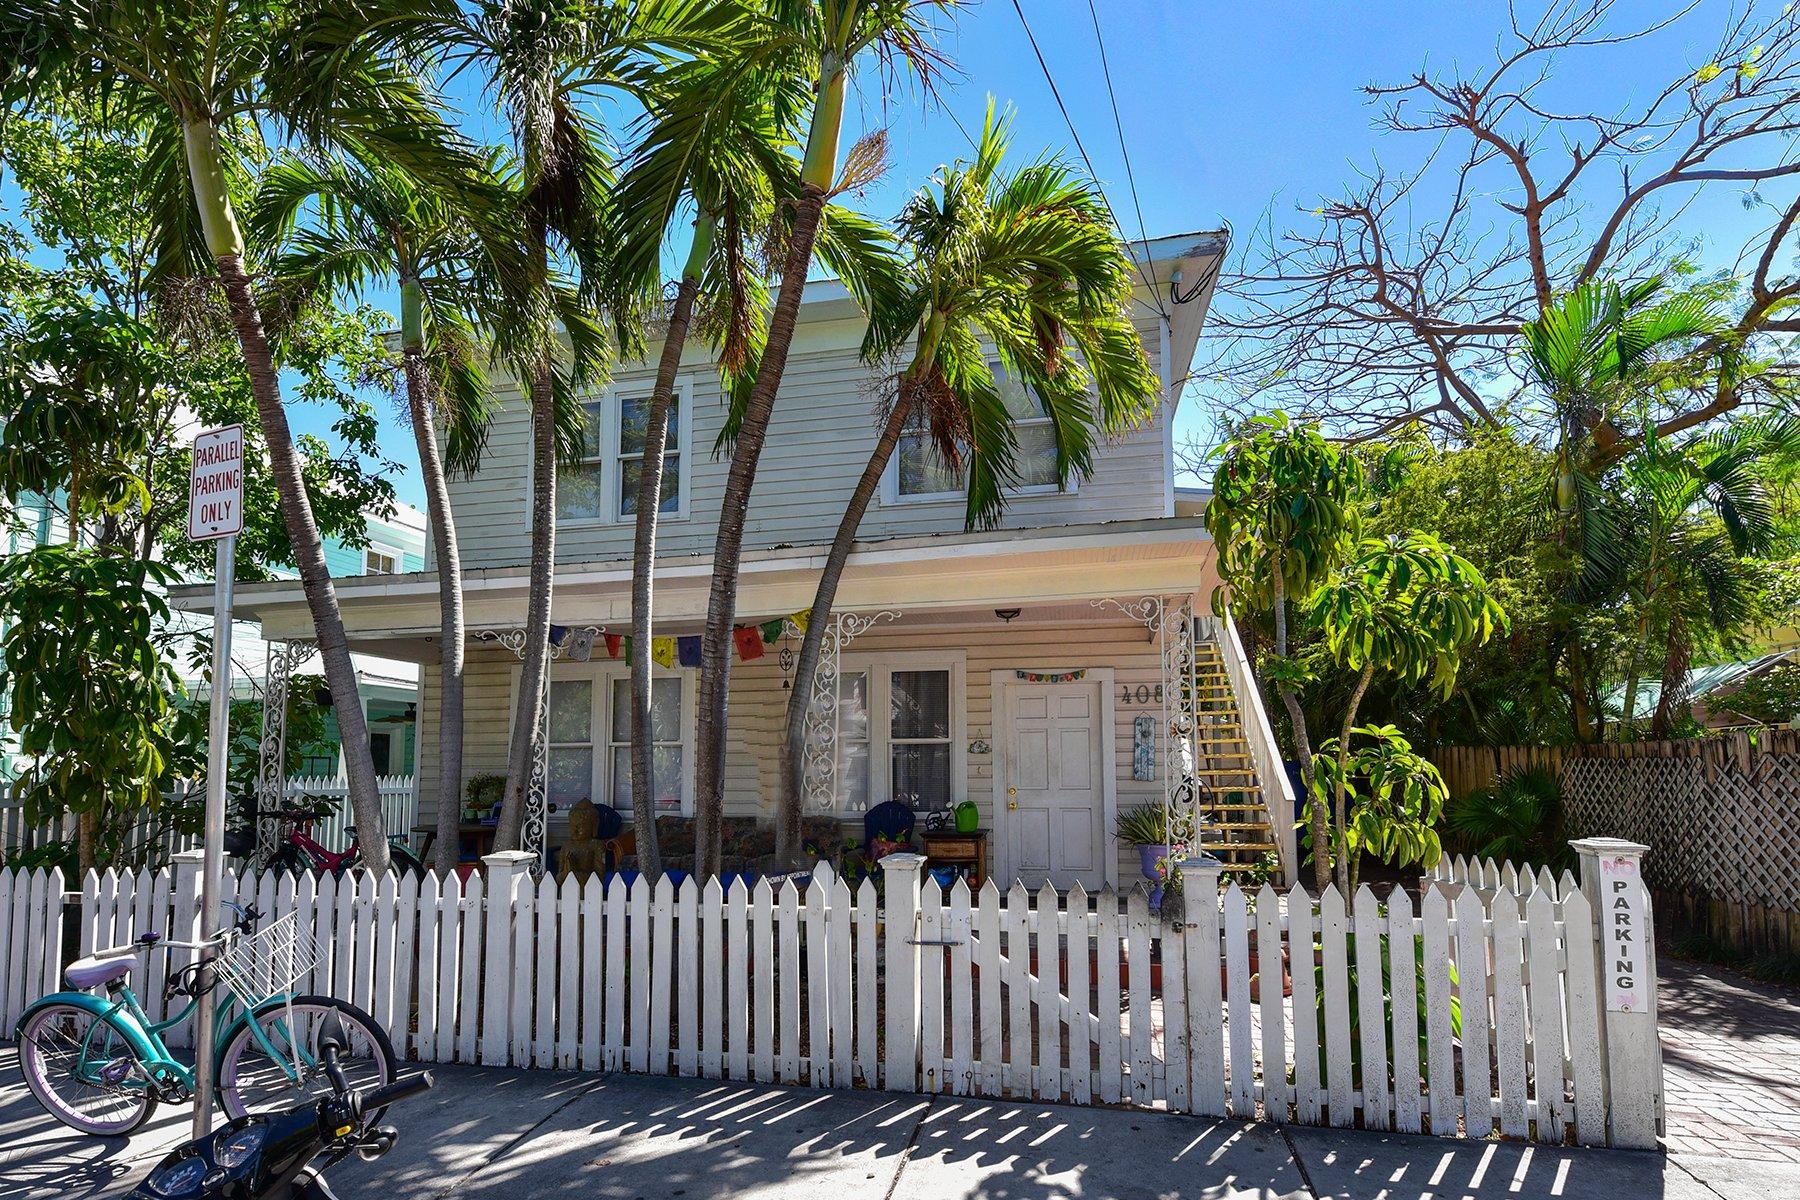 Key West, Florida, United States 1